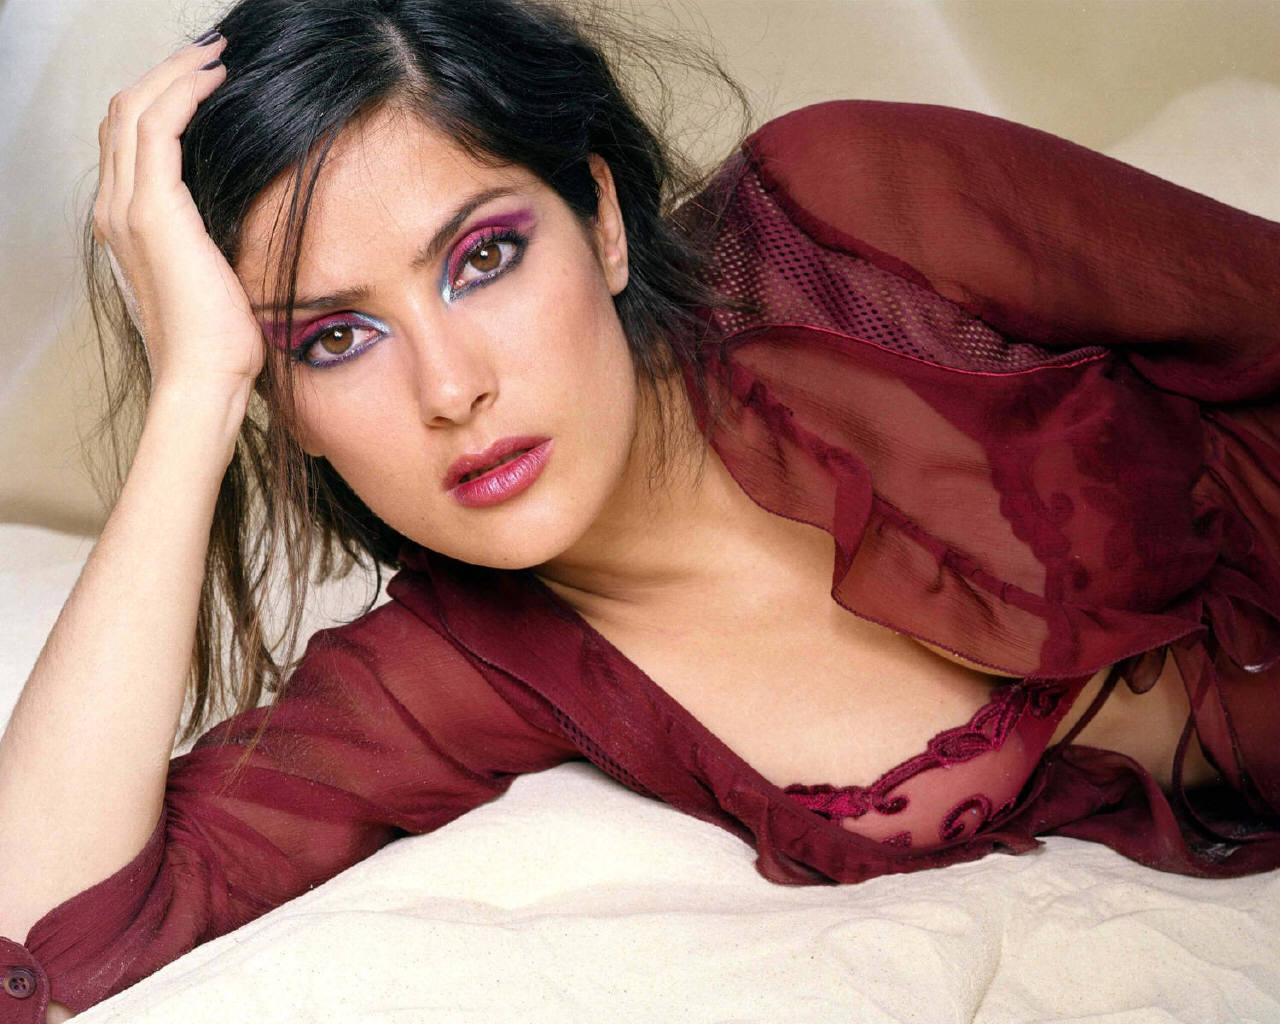 http://3.bp.blogspot.com/-8IvuUNinahI/T2YuWRKpdRI/AAAAAAAAAvQ/vc9CXIawm24/s1600/Salma-Hayek-salma-hayek-248856_1280_1024A2Z%2Bwallpaper.jpg